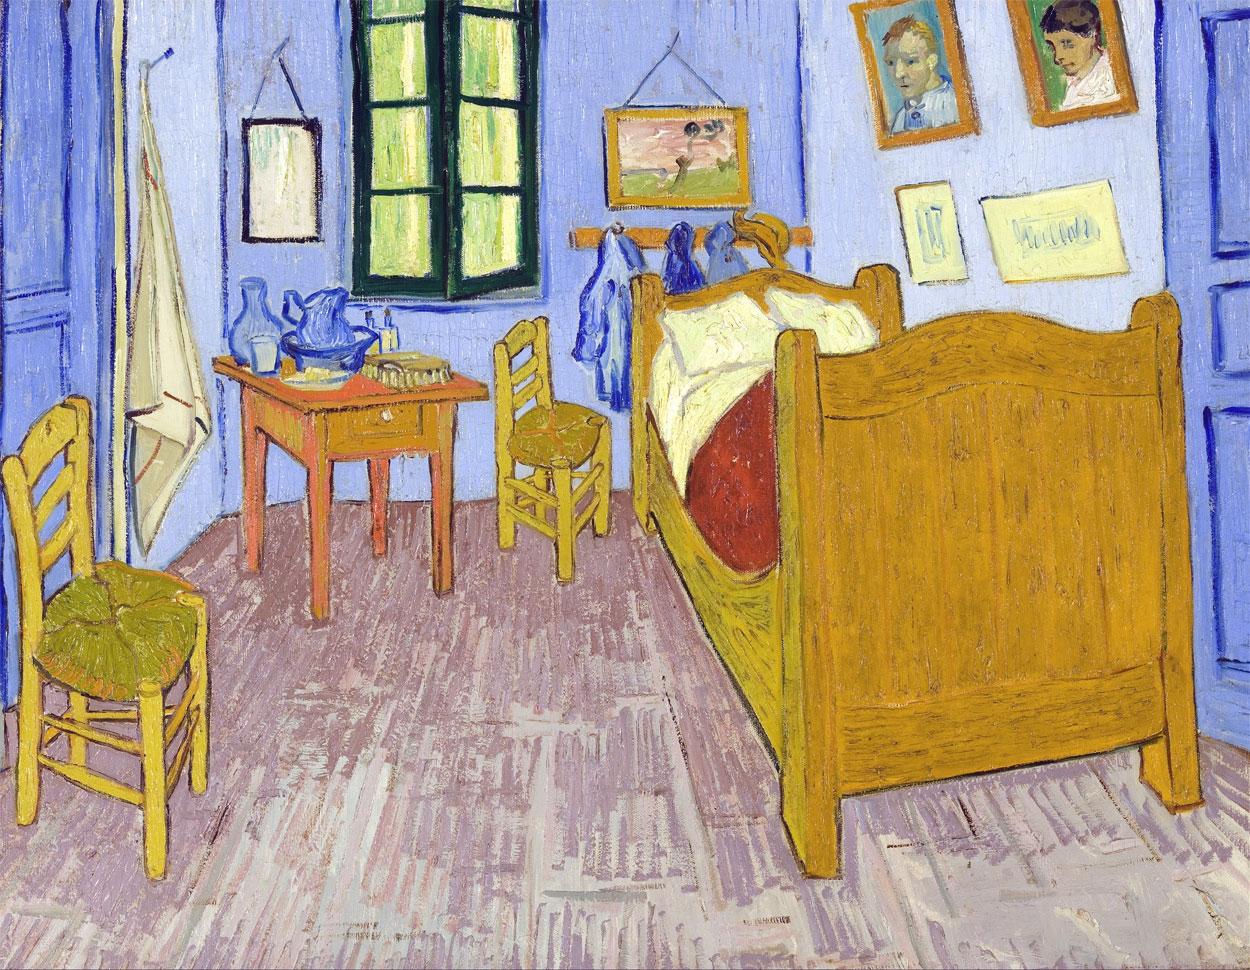 La camera da letto di Van Gogh ad Arles: opera del 1889